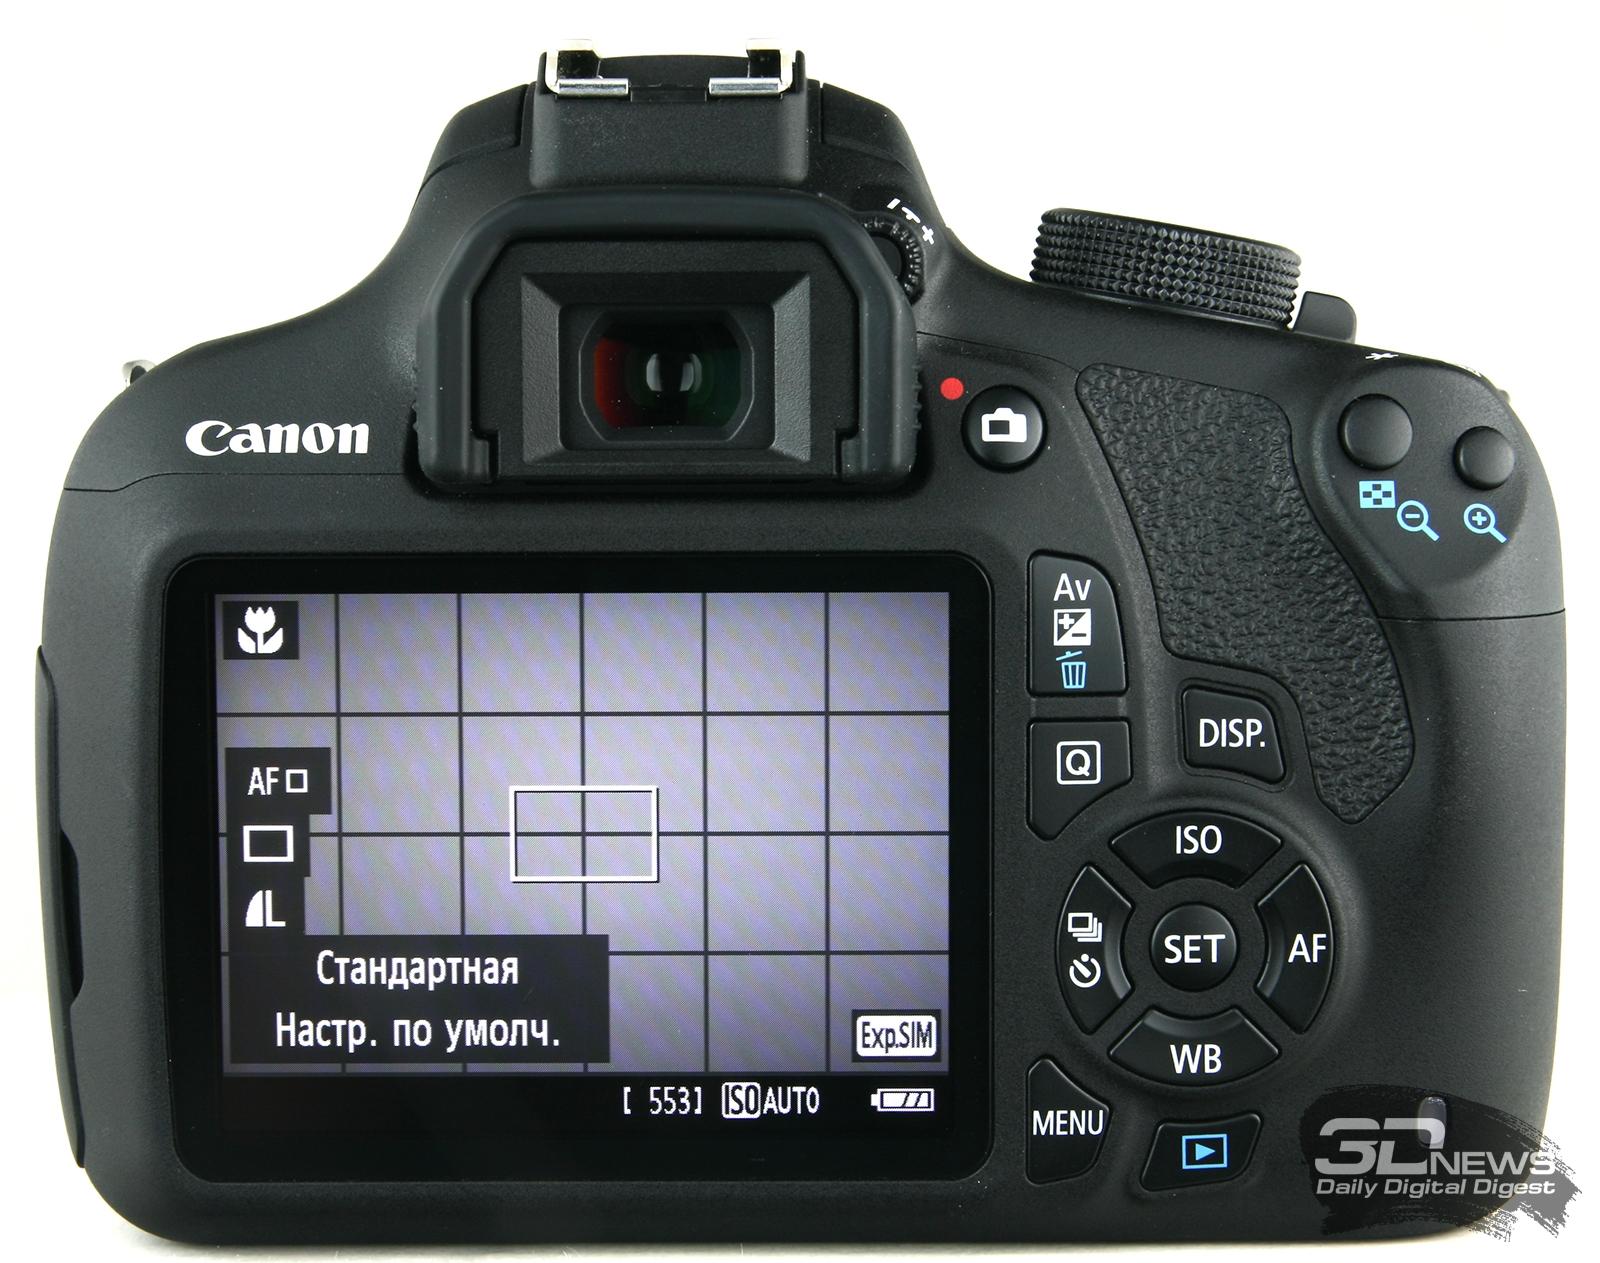 скачать инструкцию на русском языке для фотоаппарата canon